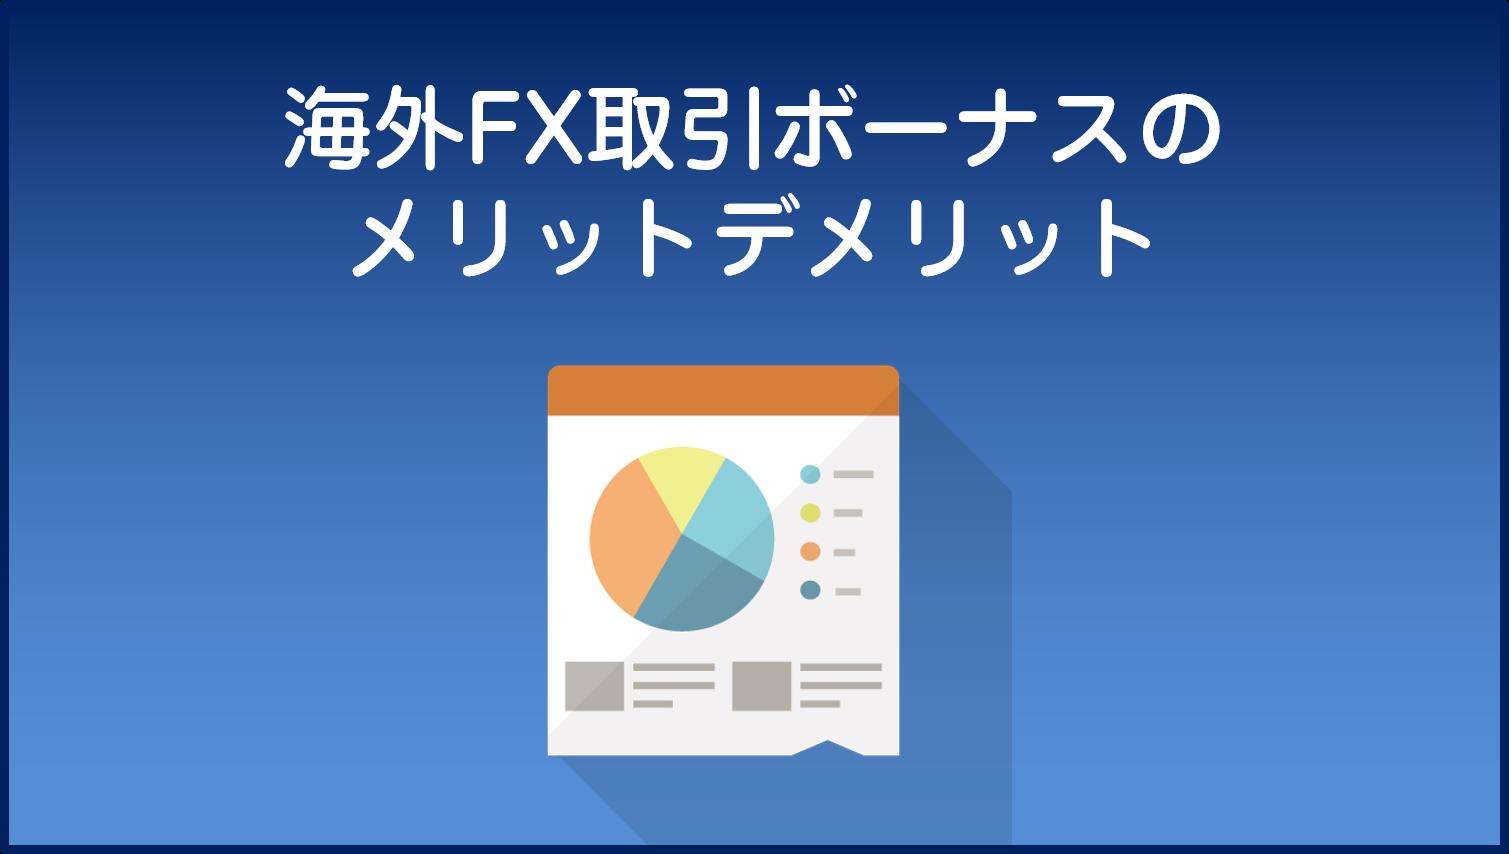 海外FXの取引ボーナスのメリットデメリット